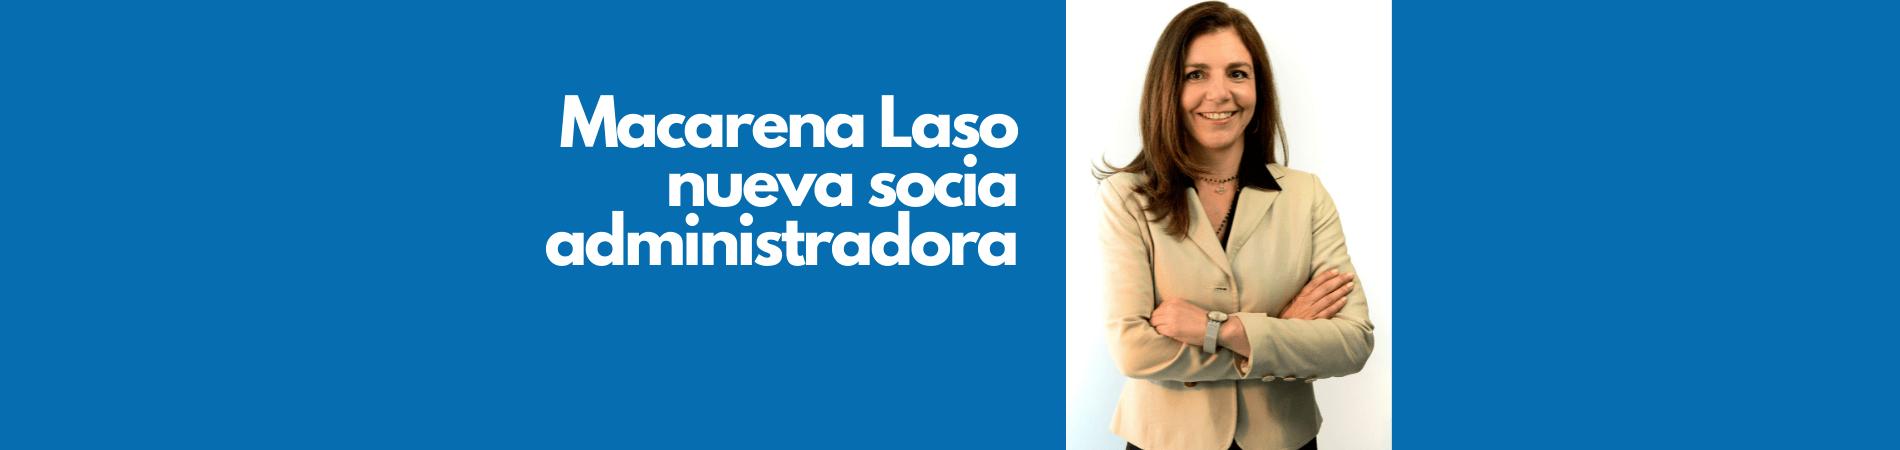 Macarena Laso asume como primera socia administradora de Morales & Besa